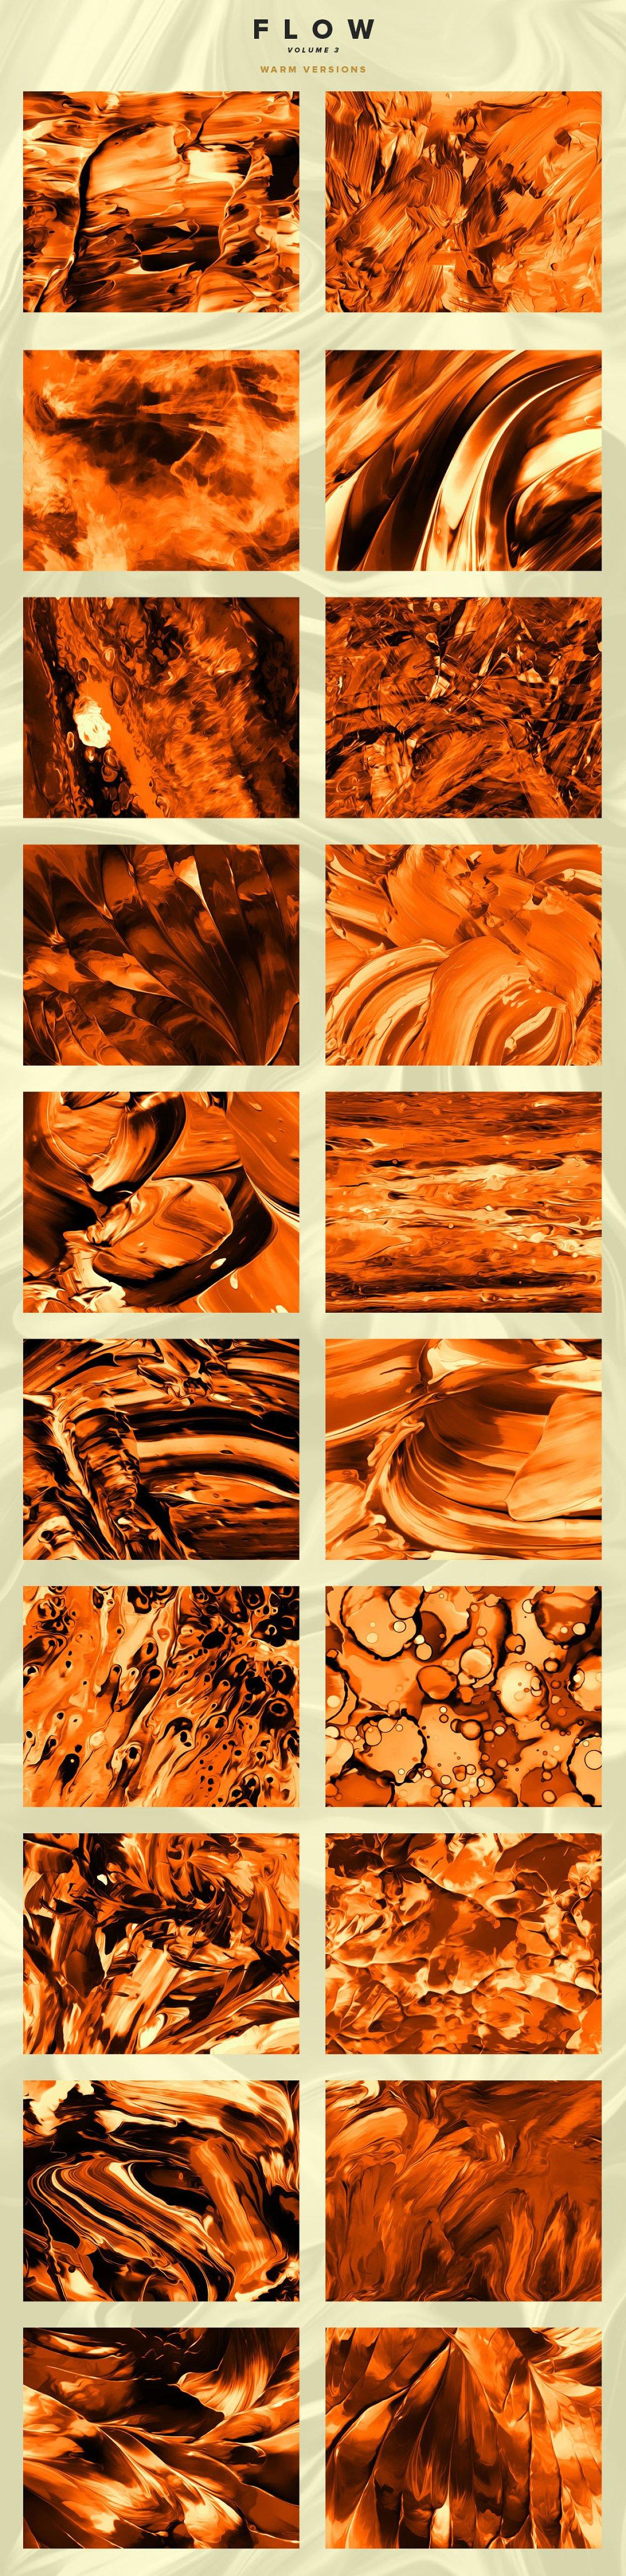 100 fluid paintings-12.jpg